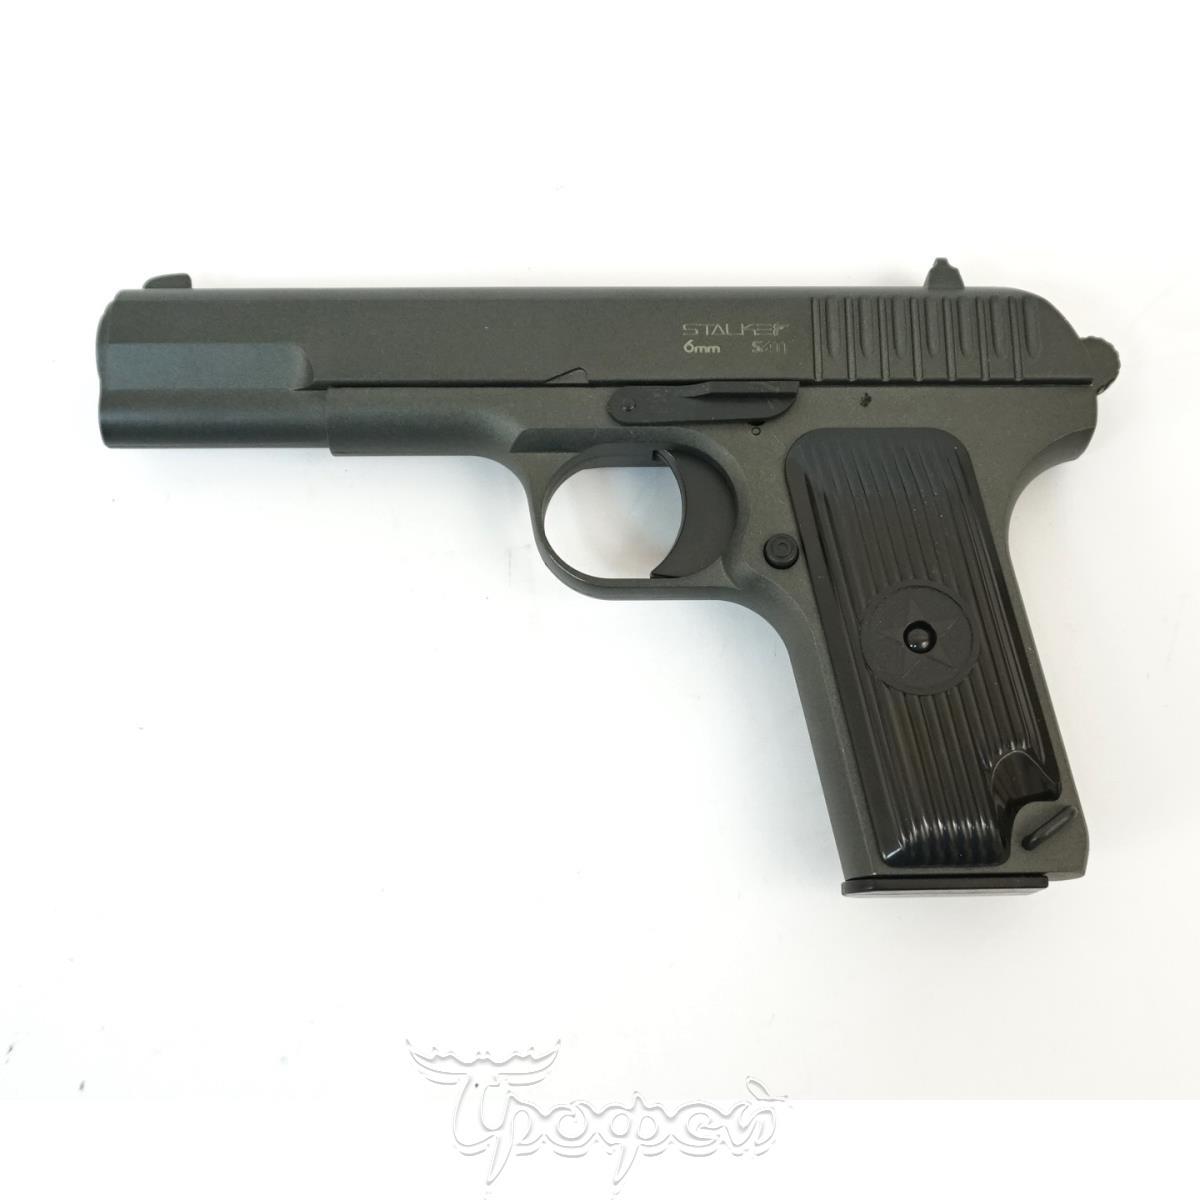 Пистолет пневматический Stalker SATT Spring аналог ТТ, к.6мм, металический корпус